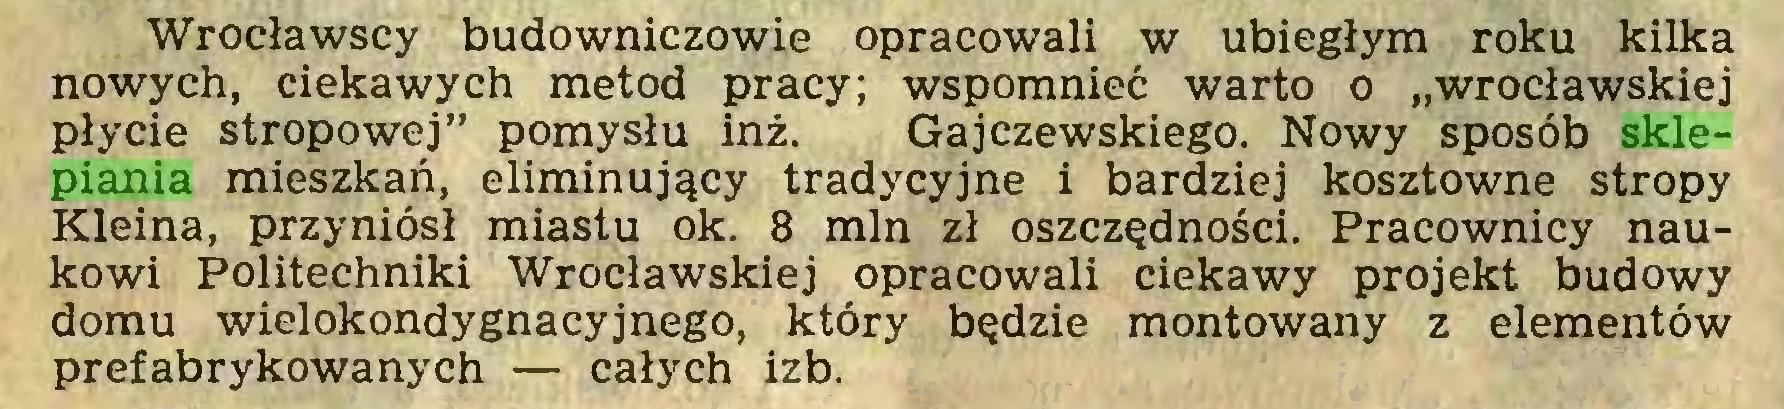 """(...) Wrocławscy budowniczowie opracowali w ubiegłym roku kilka nowych, ciekawych metod pracy; wspomnieć warto o """"wrocławskiej płycie stropowej"""" pomysłu inż. Gajczewskiego. Nowy sposób sklepiania mieszkań, eliminujący tradycyjne i bardziej kosztowne stropy Kleina, przyniósł miastu ok. 8 min zł oszczędności. Pracownicy naukowi Politechniki Wrocławskiej opracowali ciekawy projekt budowy domu wielokondygnacyjnego, który będzie montowany z elementów prefabrykowanych — całych izb..."""